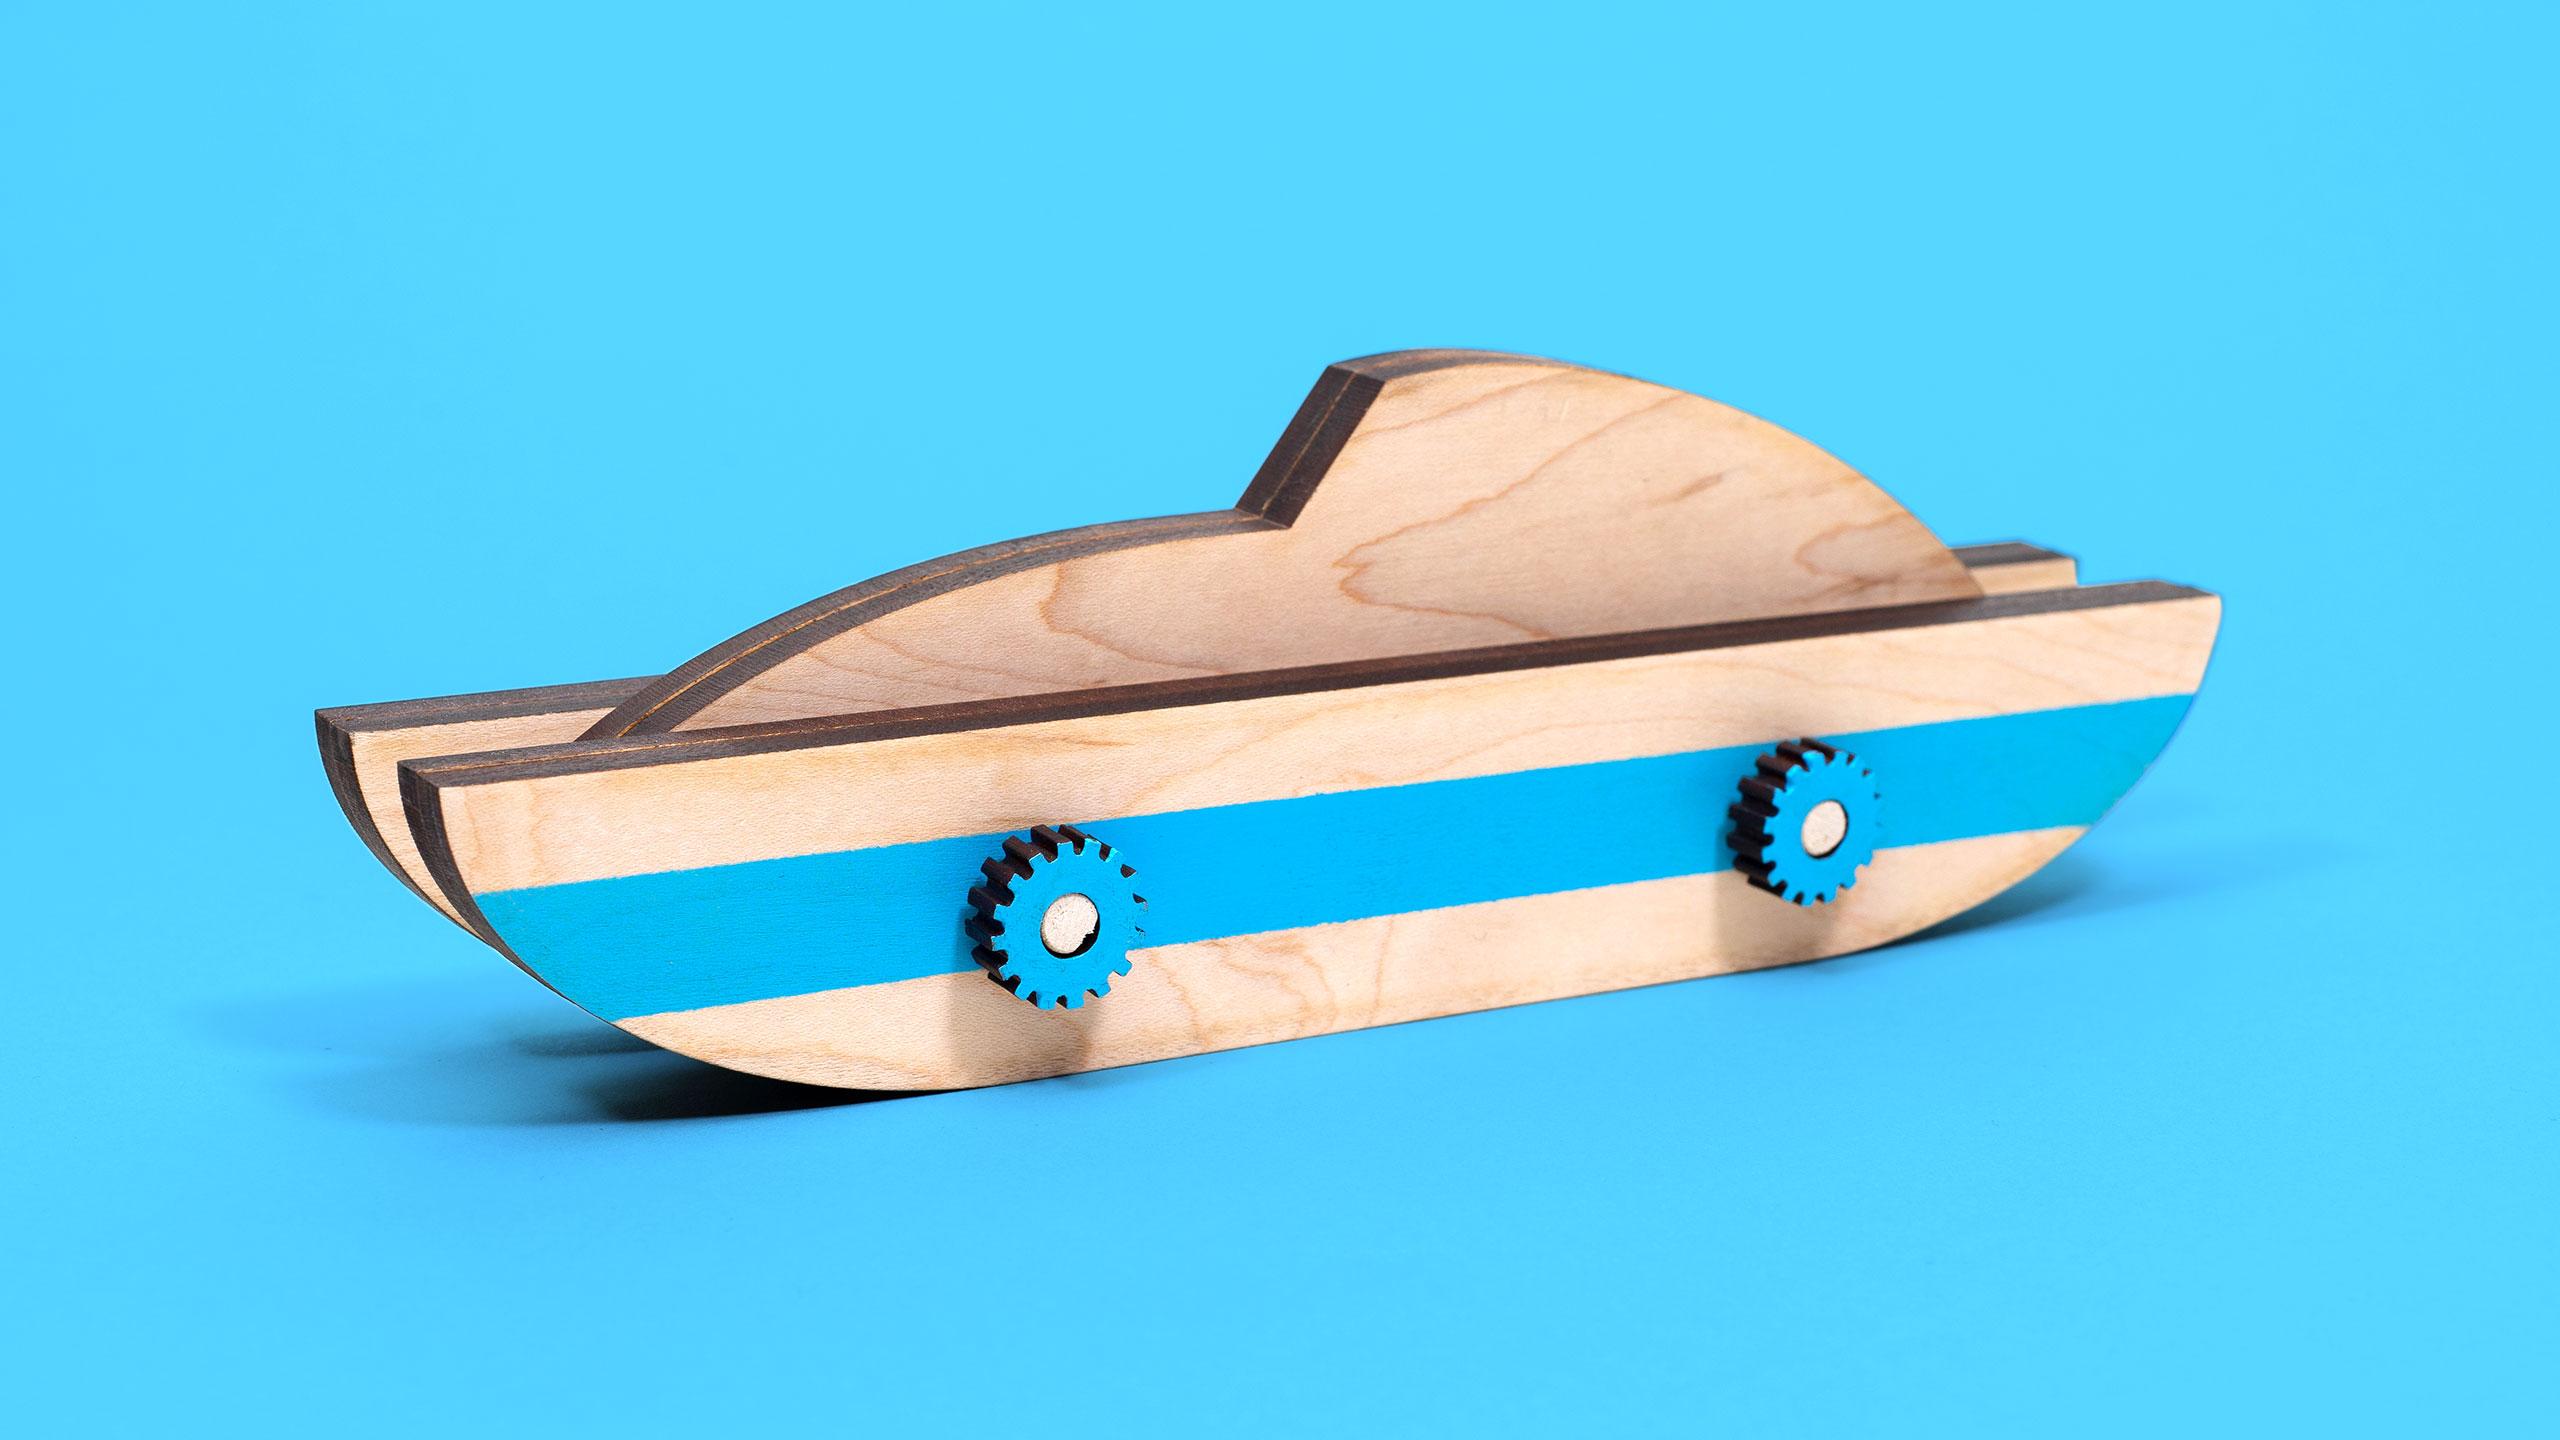 moto_boat1